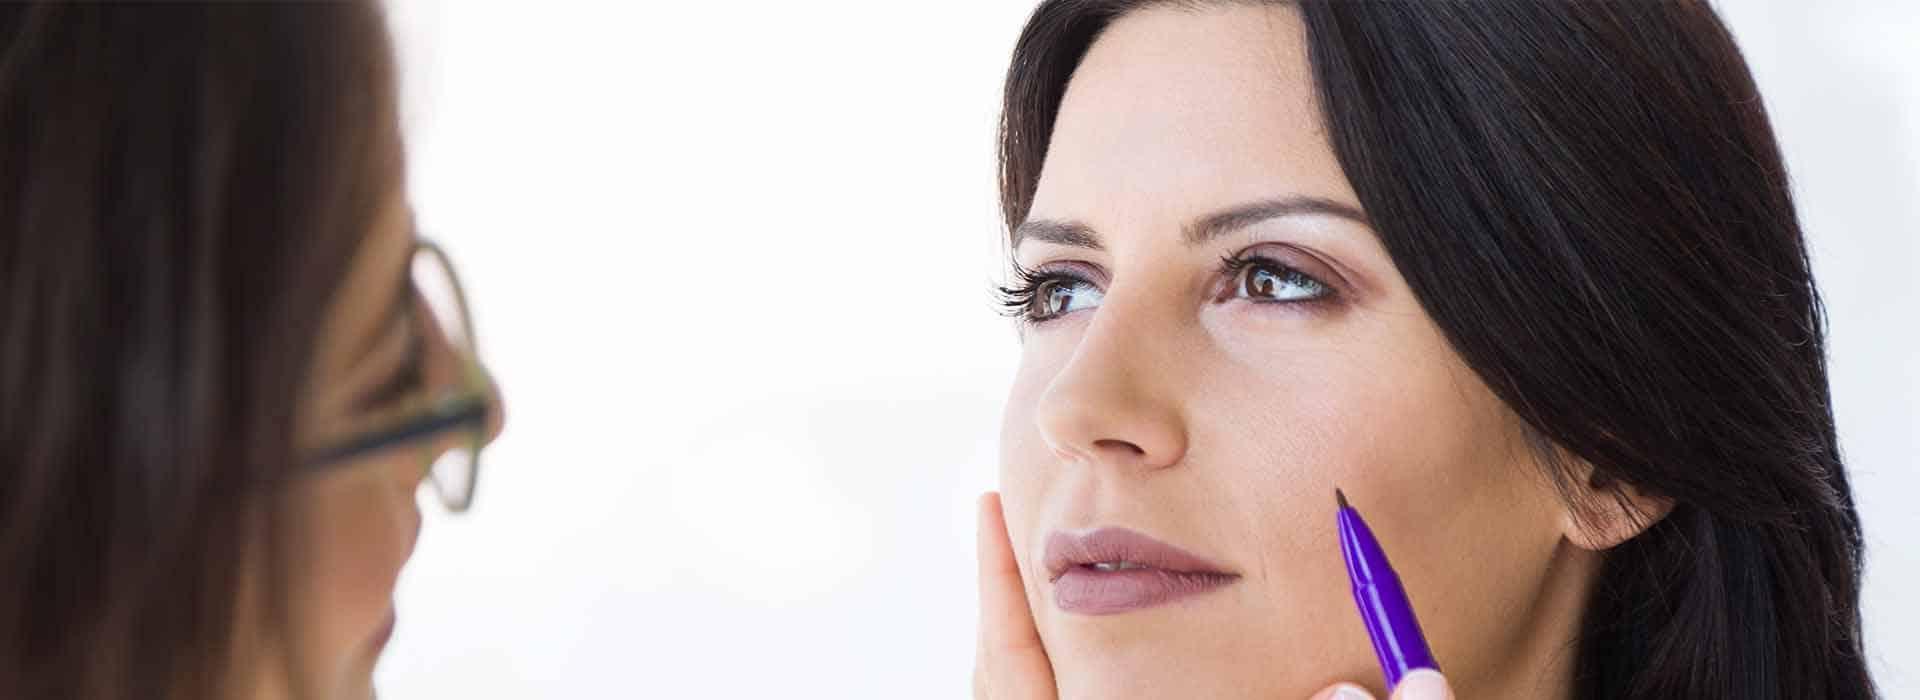 Reconstruye el volumen de tu cuerpo con el lipofiling